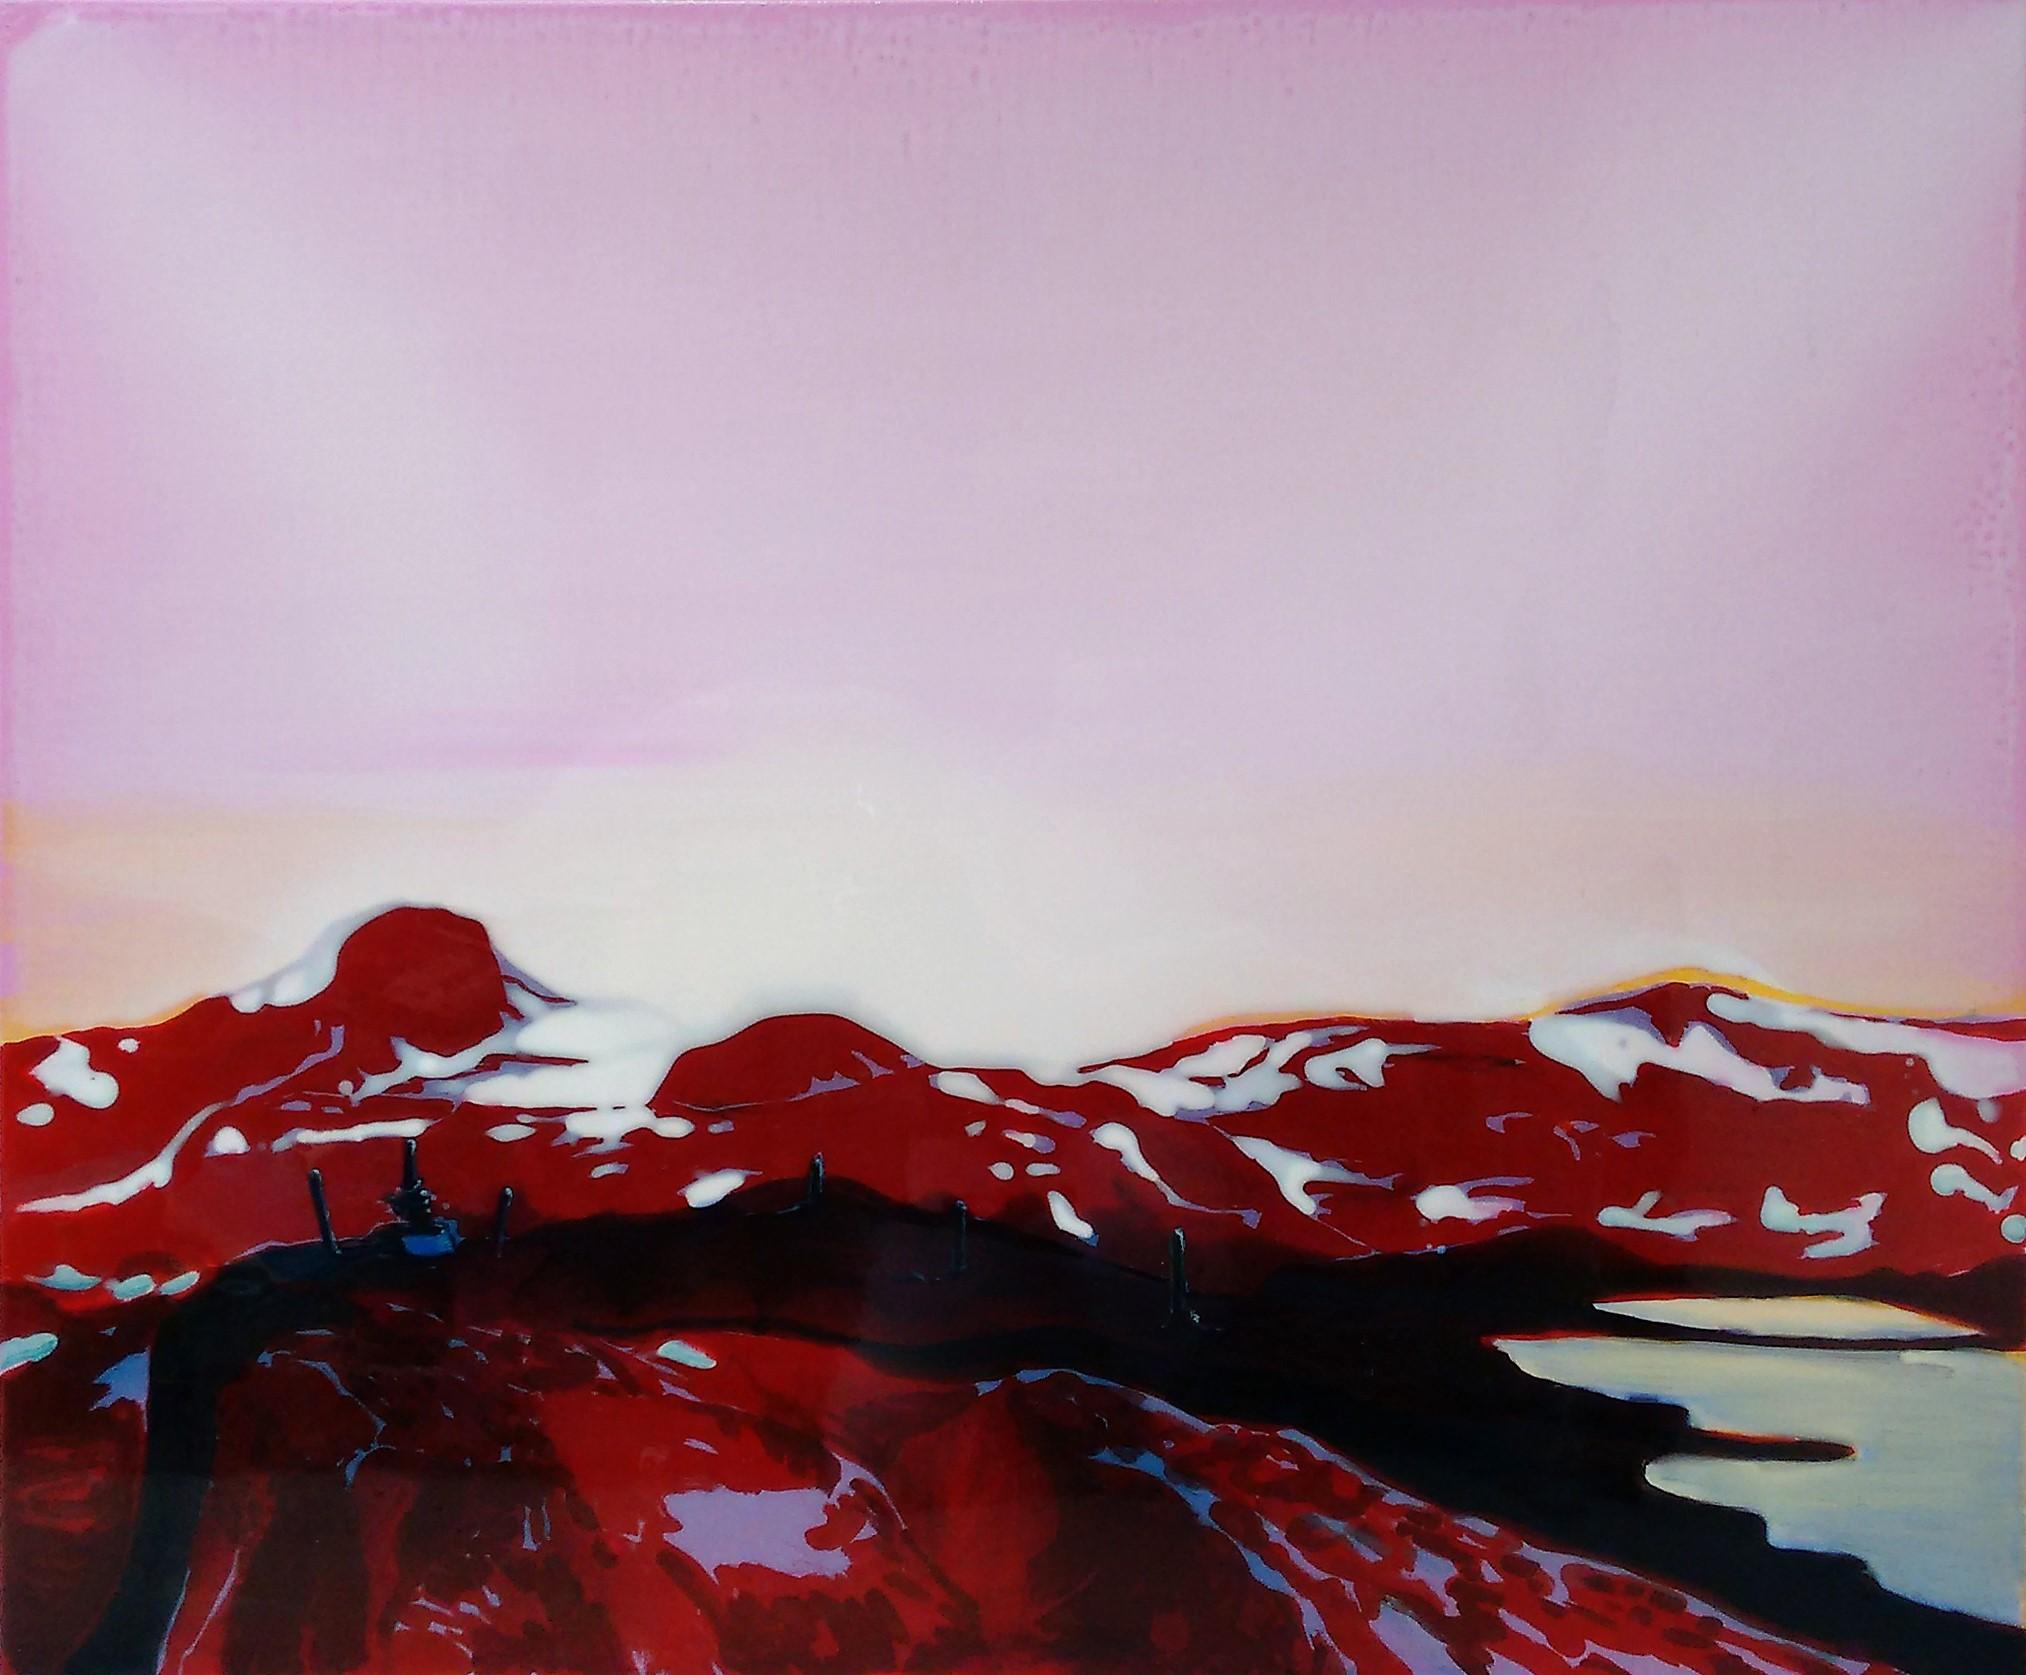 SOGNEFJELLSVEGEN 2  120x100 cm Acrylic and epoxy on canvas